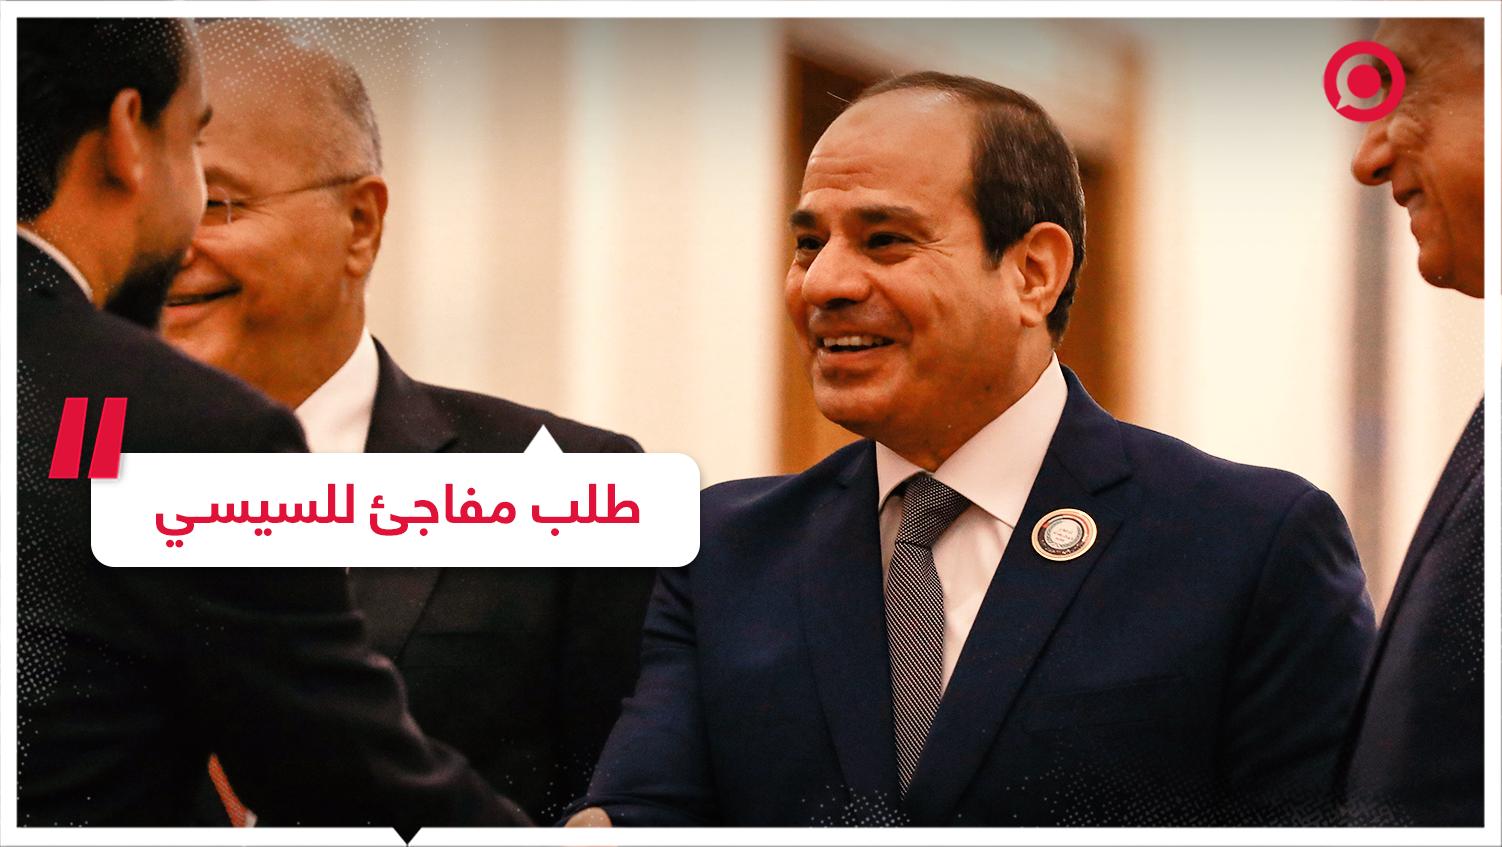 مصر - السيسي